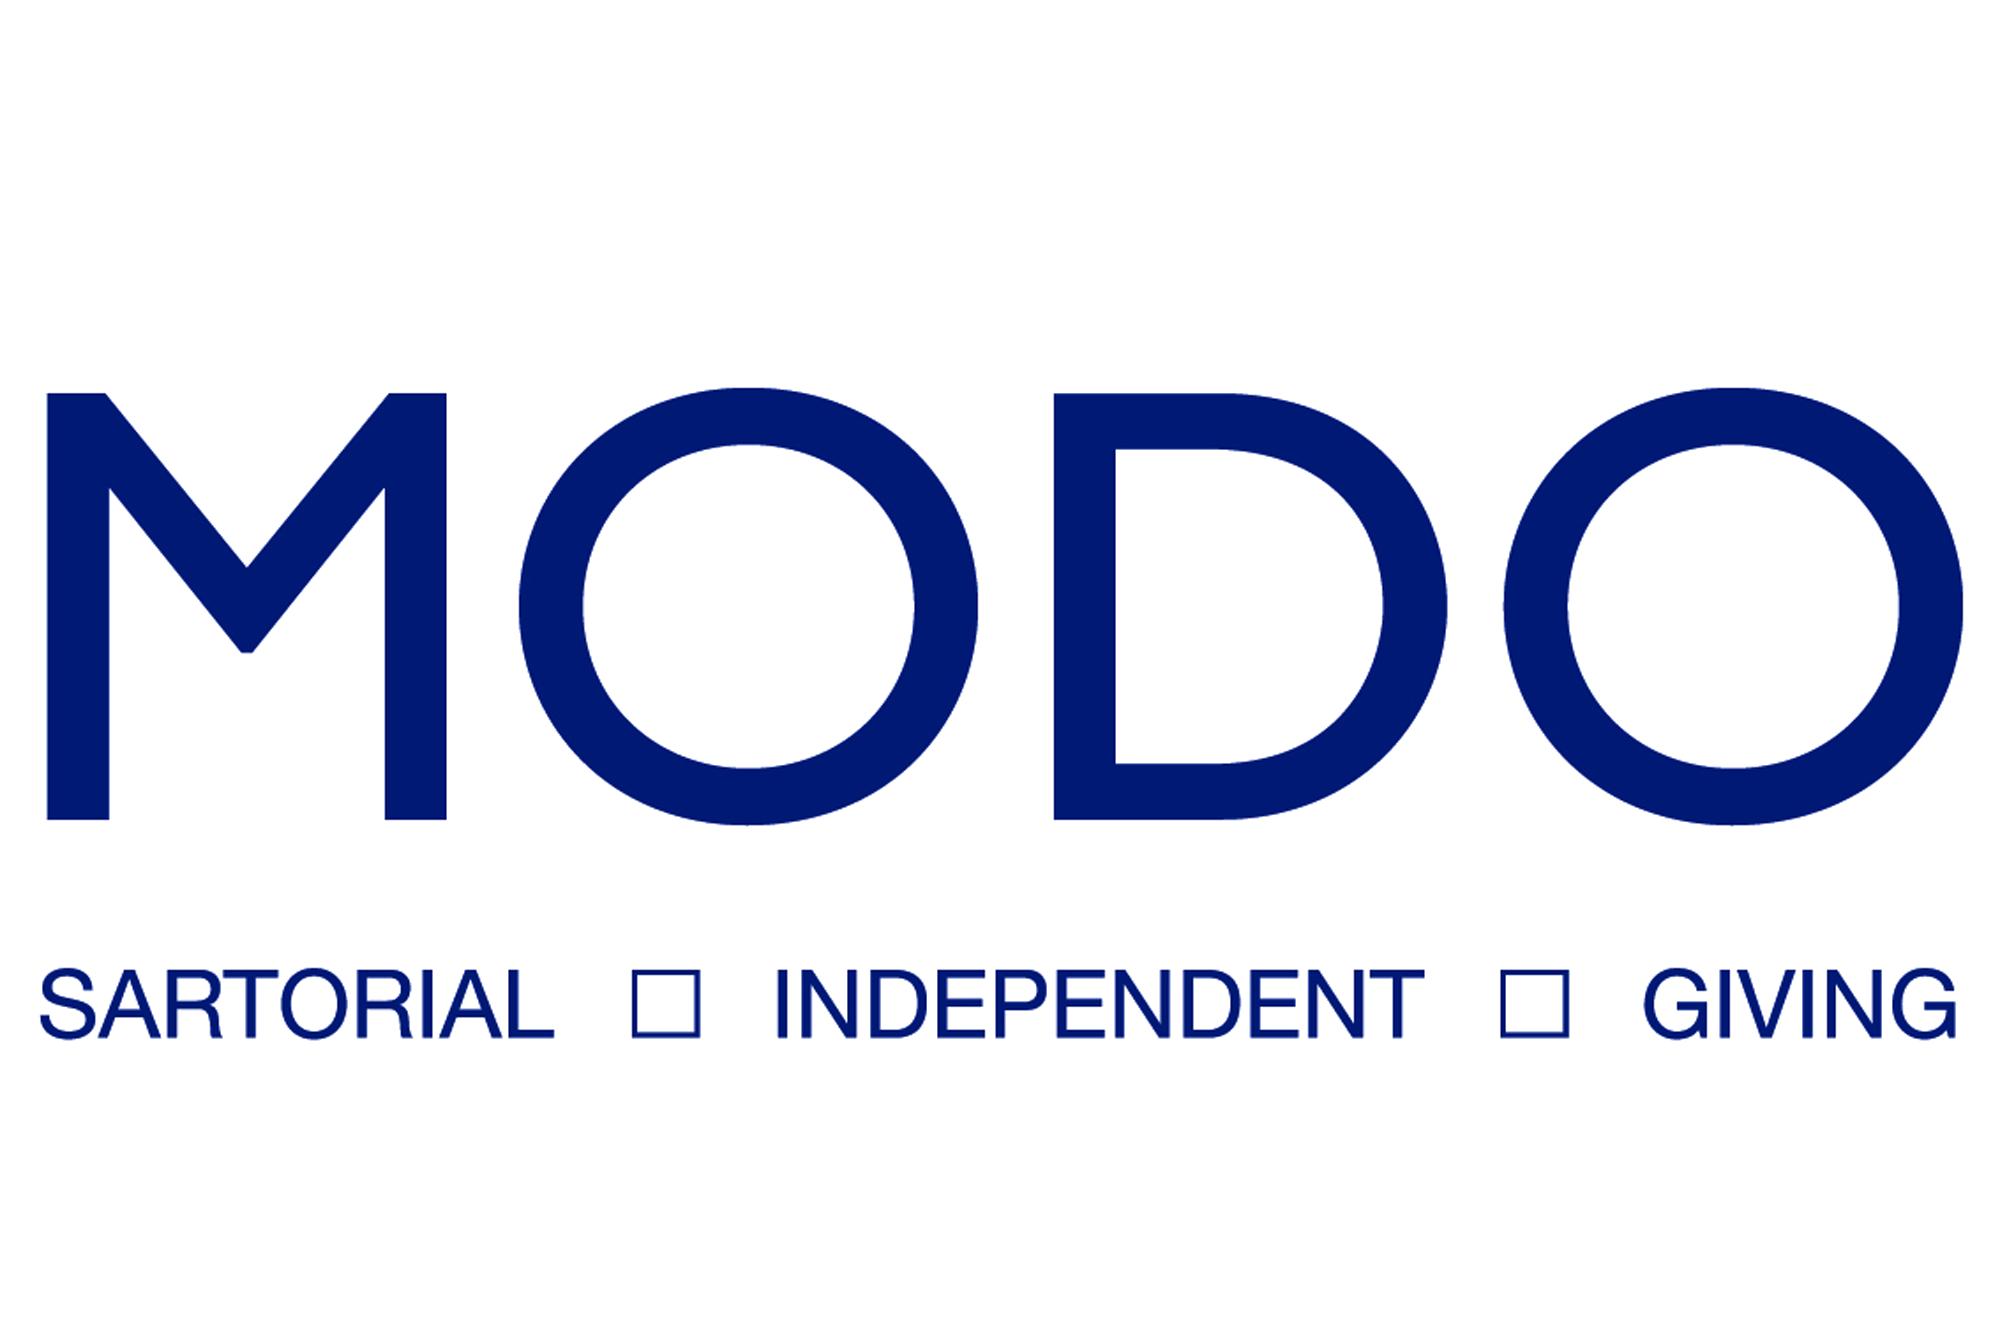 Modo - Modell 4050 Tortoise